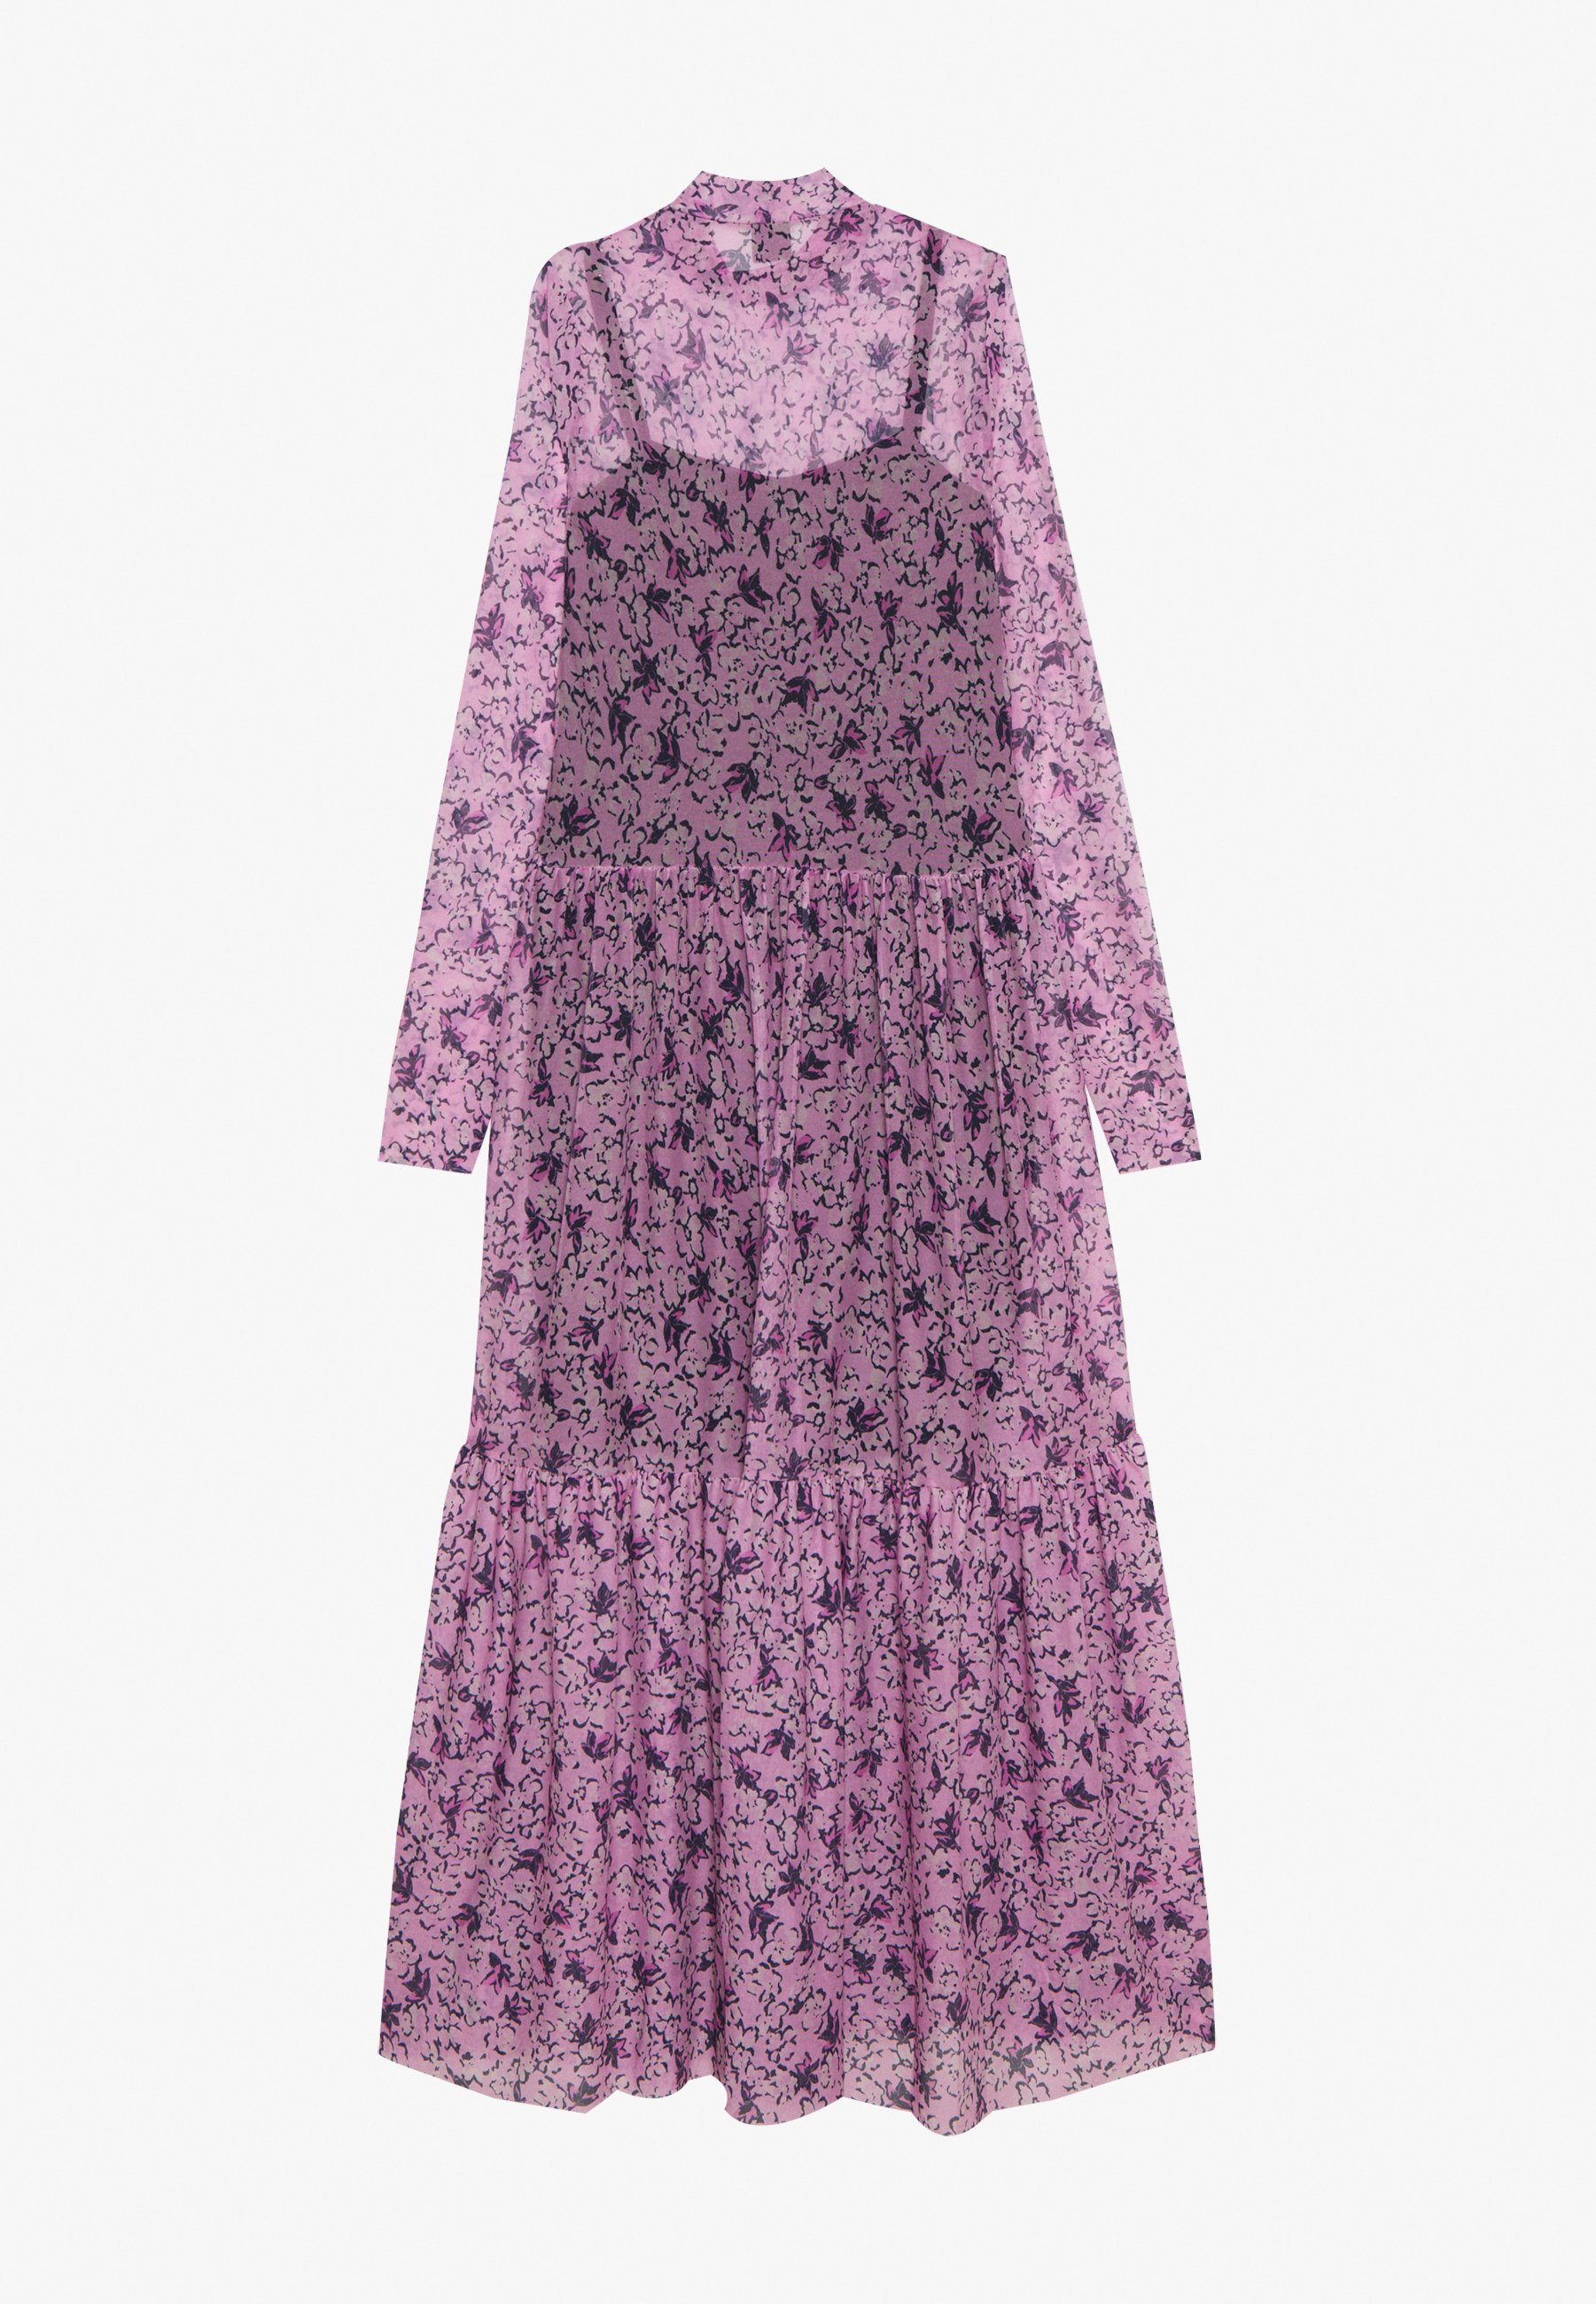 Gina Tricot Mys Dress - Maxiklänning Pink